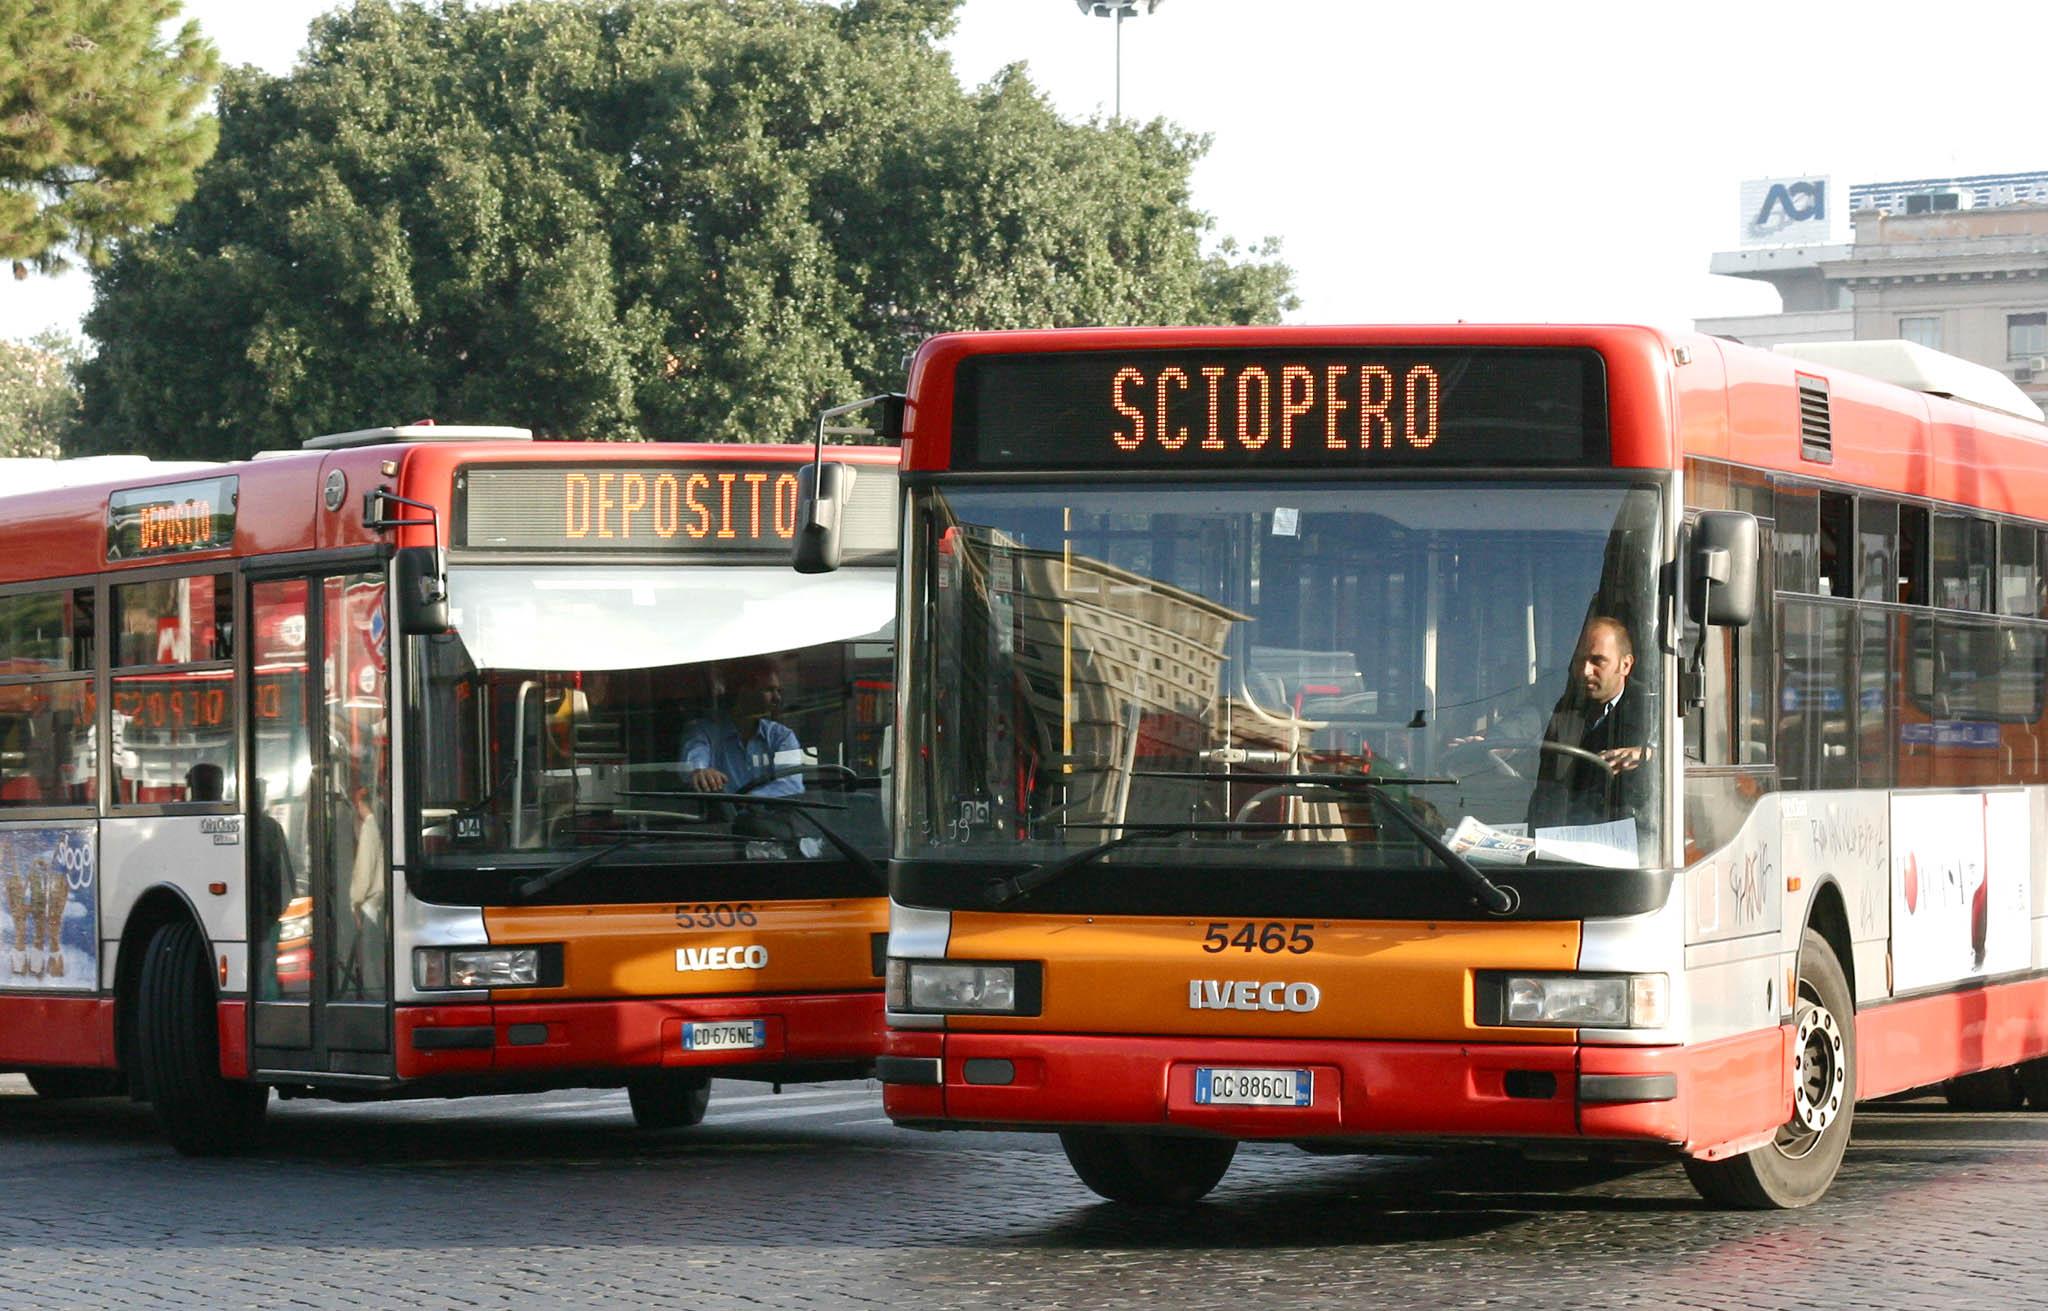 Trasporto pubblico, Roma ultima in Europa. Scioperi, ritardi ed evasione. I dati del disastro Atac nello studio della FLE